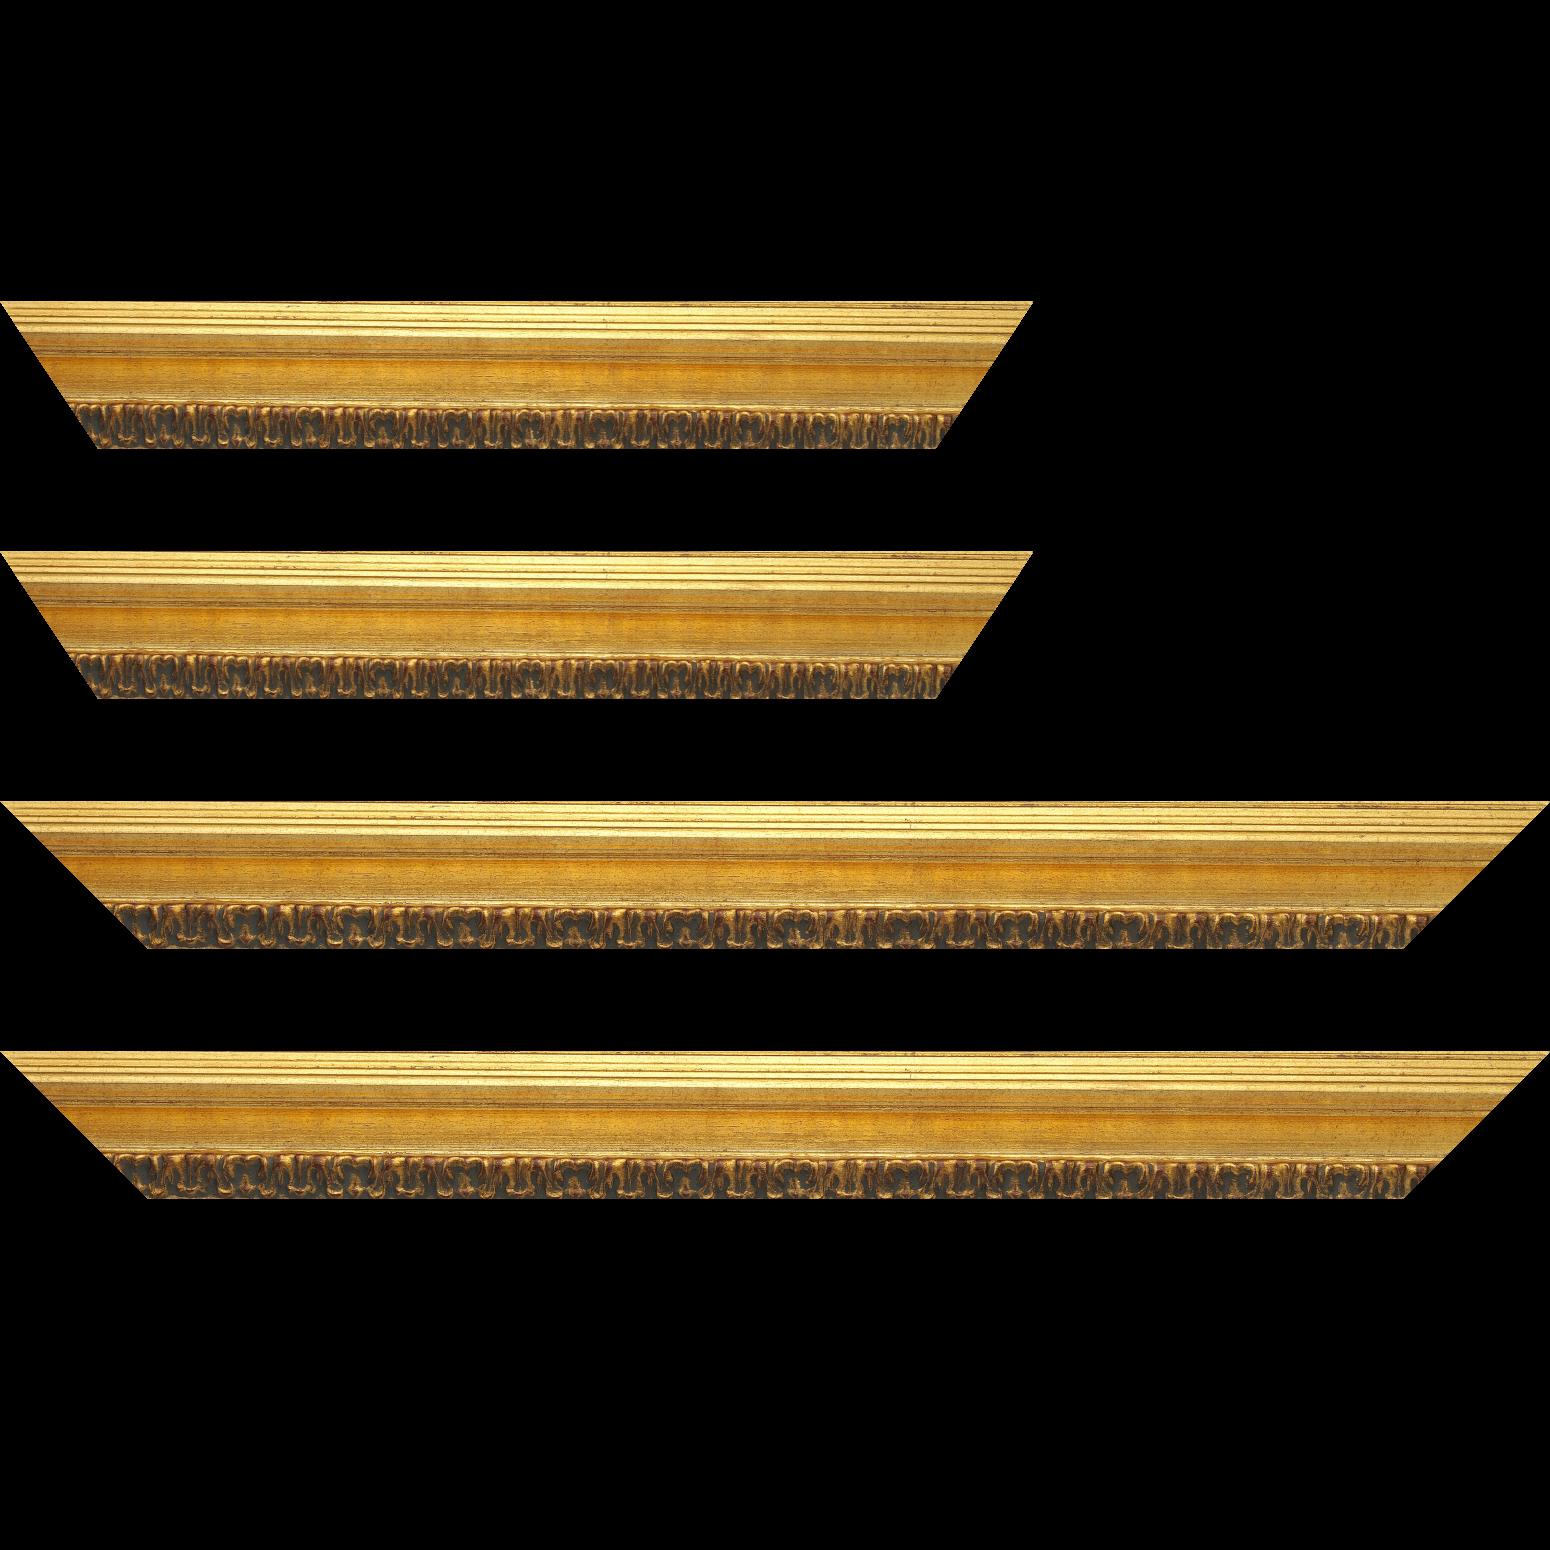 Baguette service précoupé bois profil incurvé largeur 5.1cm couleur or patiné à la feuille gorge or nez ornement